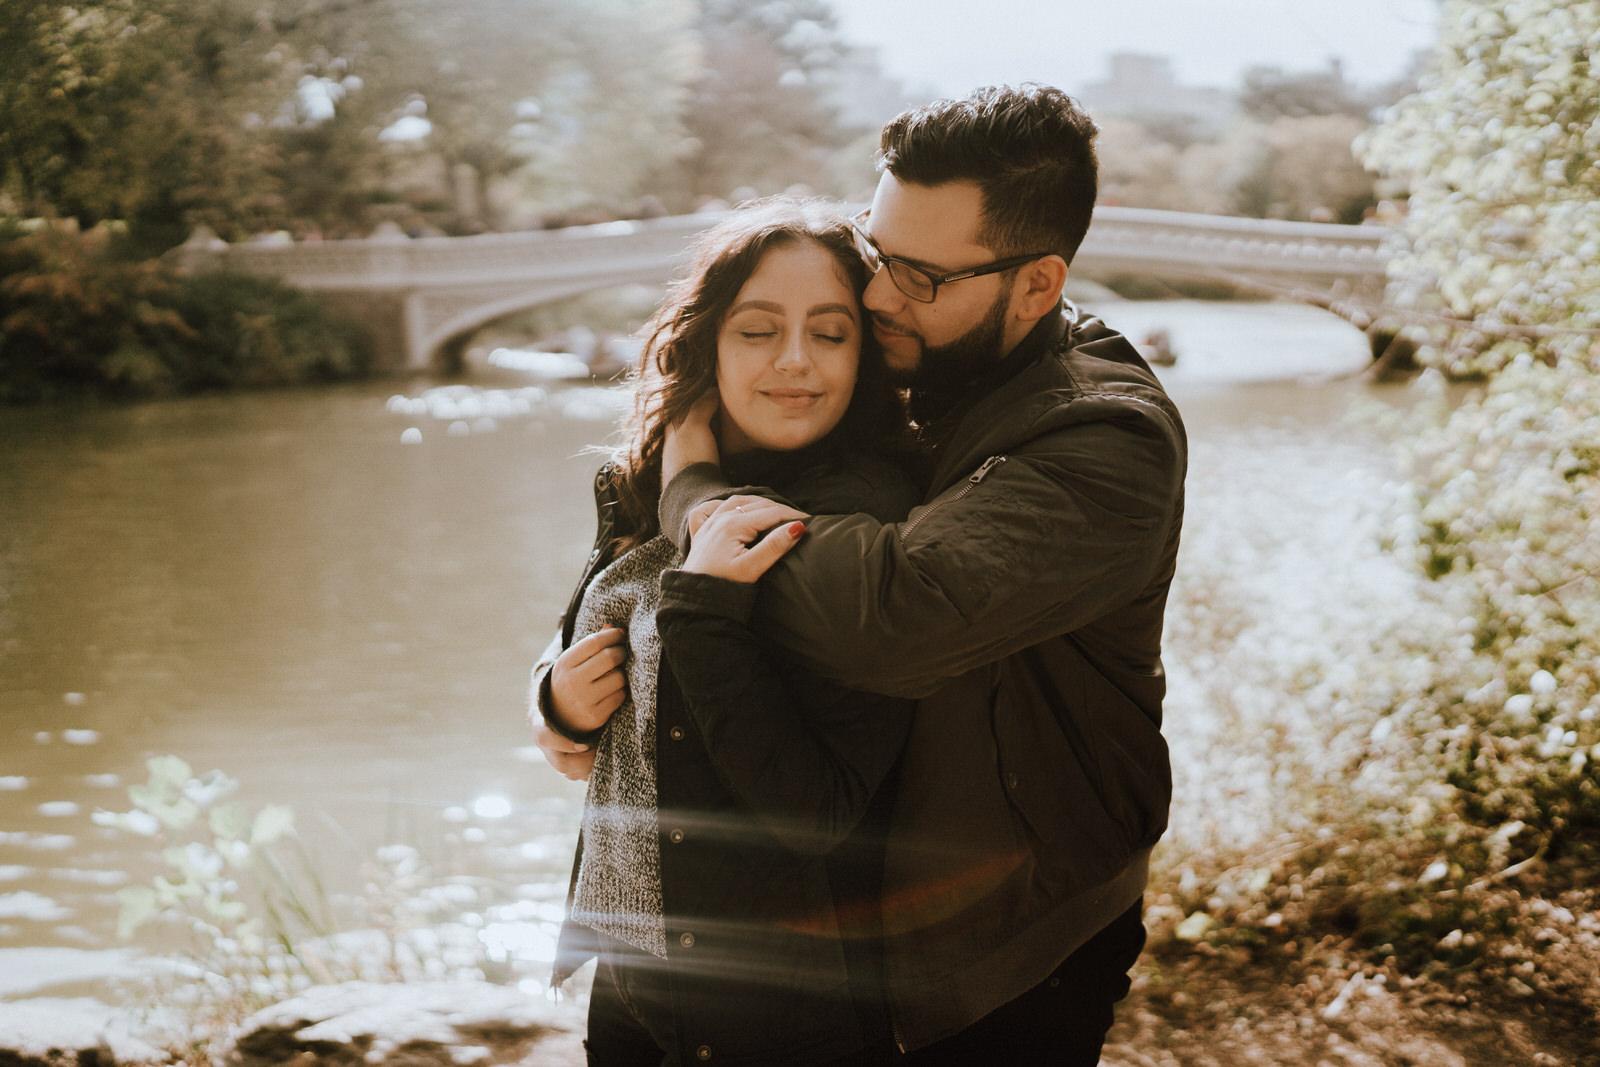 Central Park Engagement Photos-Bow Bridge-Michelle Gonzalez Photography-Alyssa and Cecilio-23.JPG